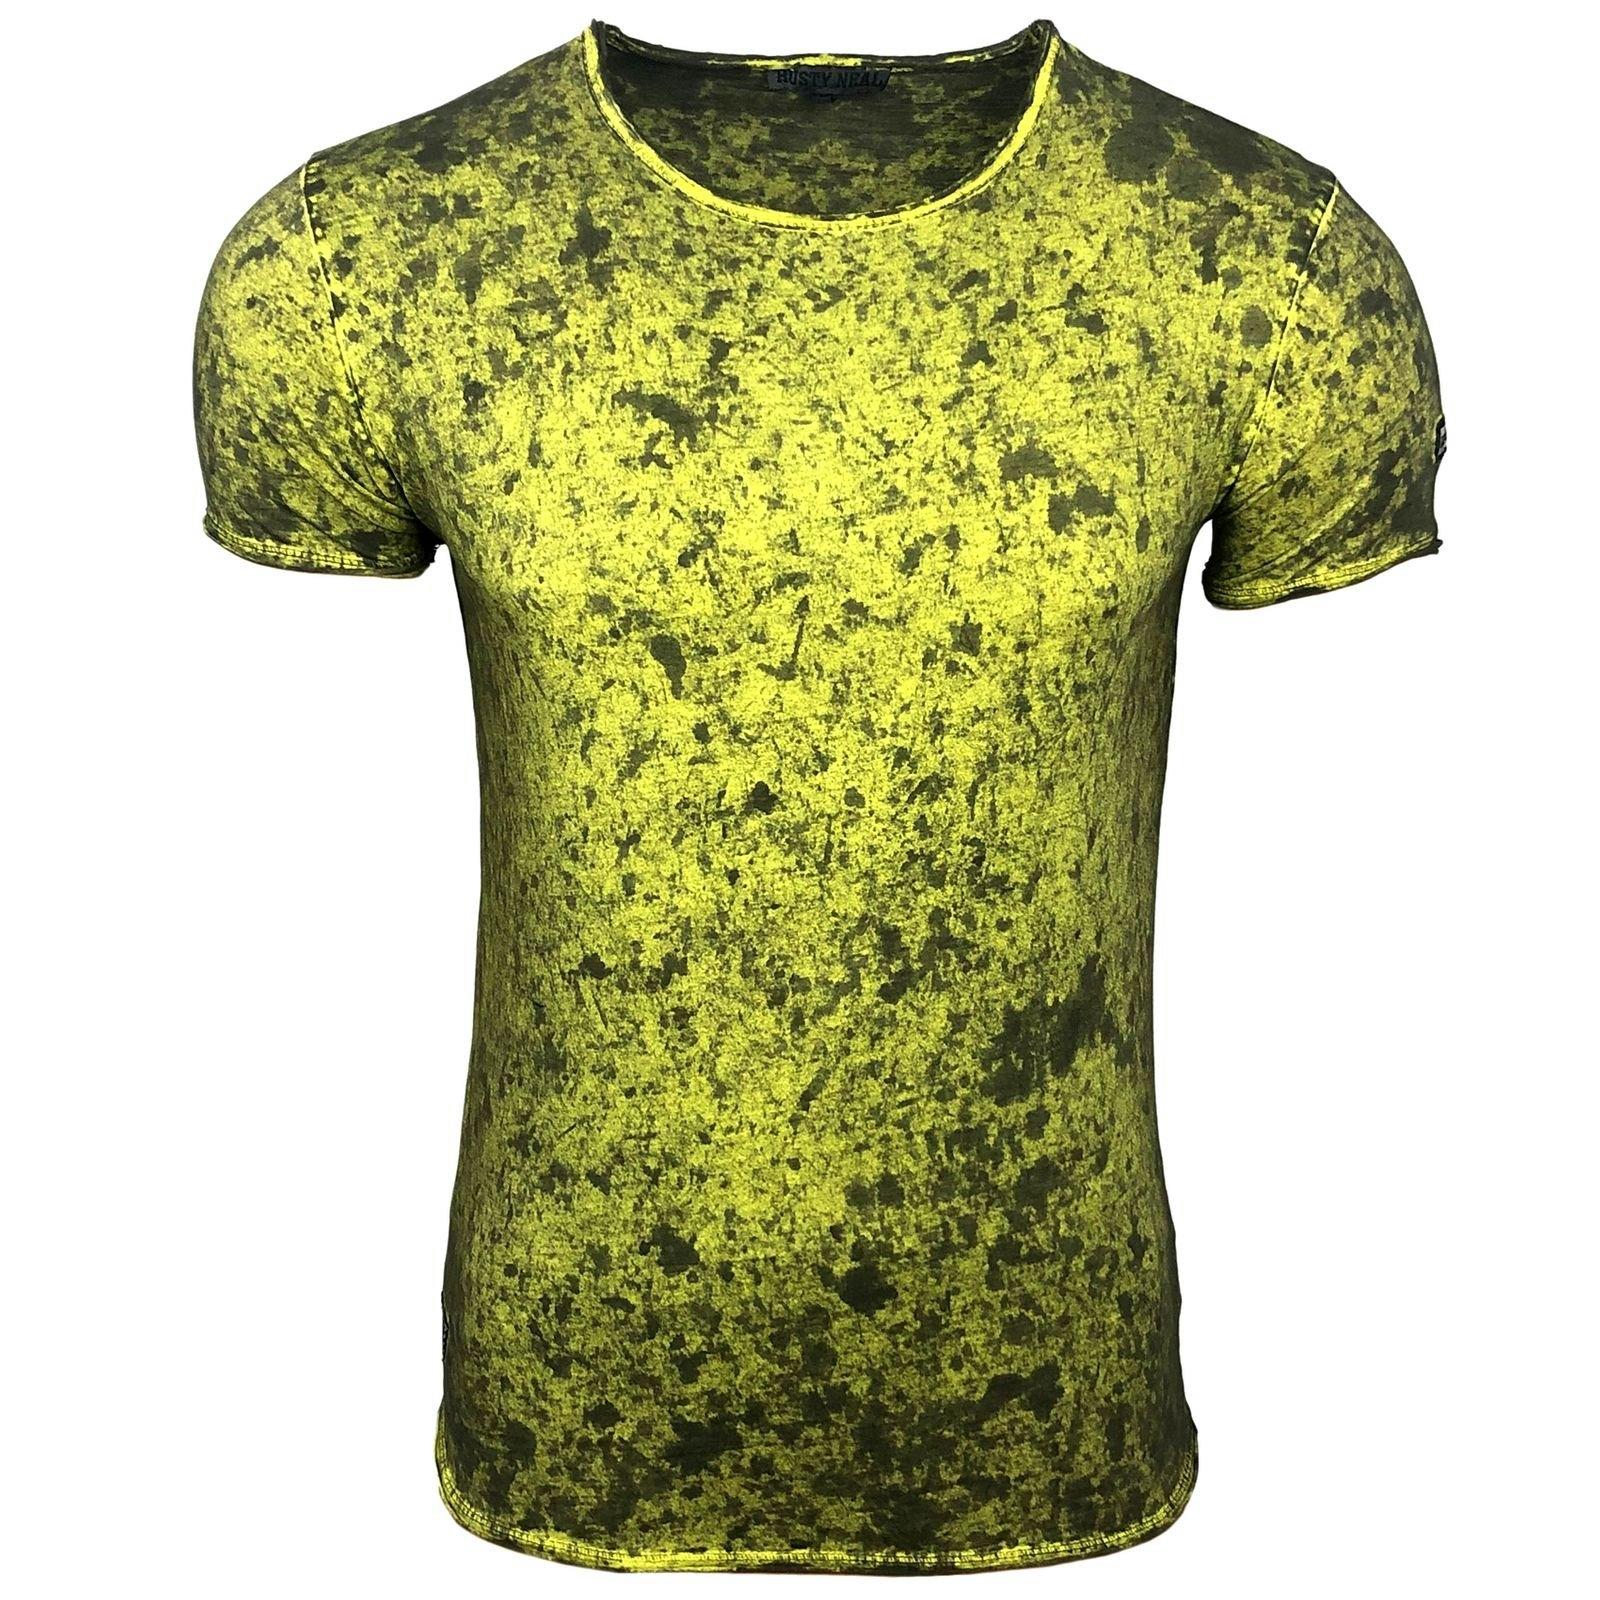 Rusty Neal T-shirt online kopen op otto.nl